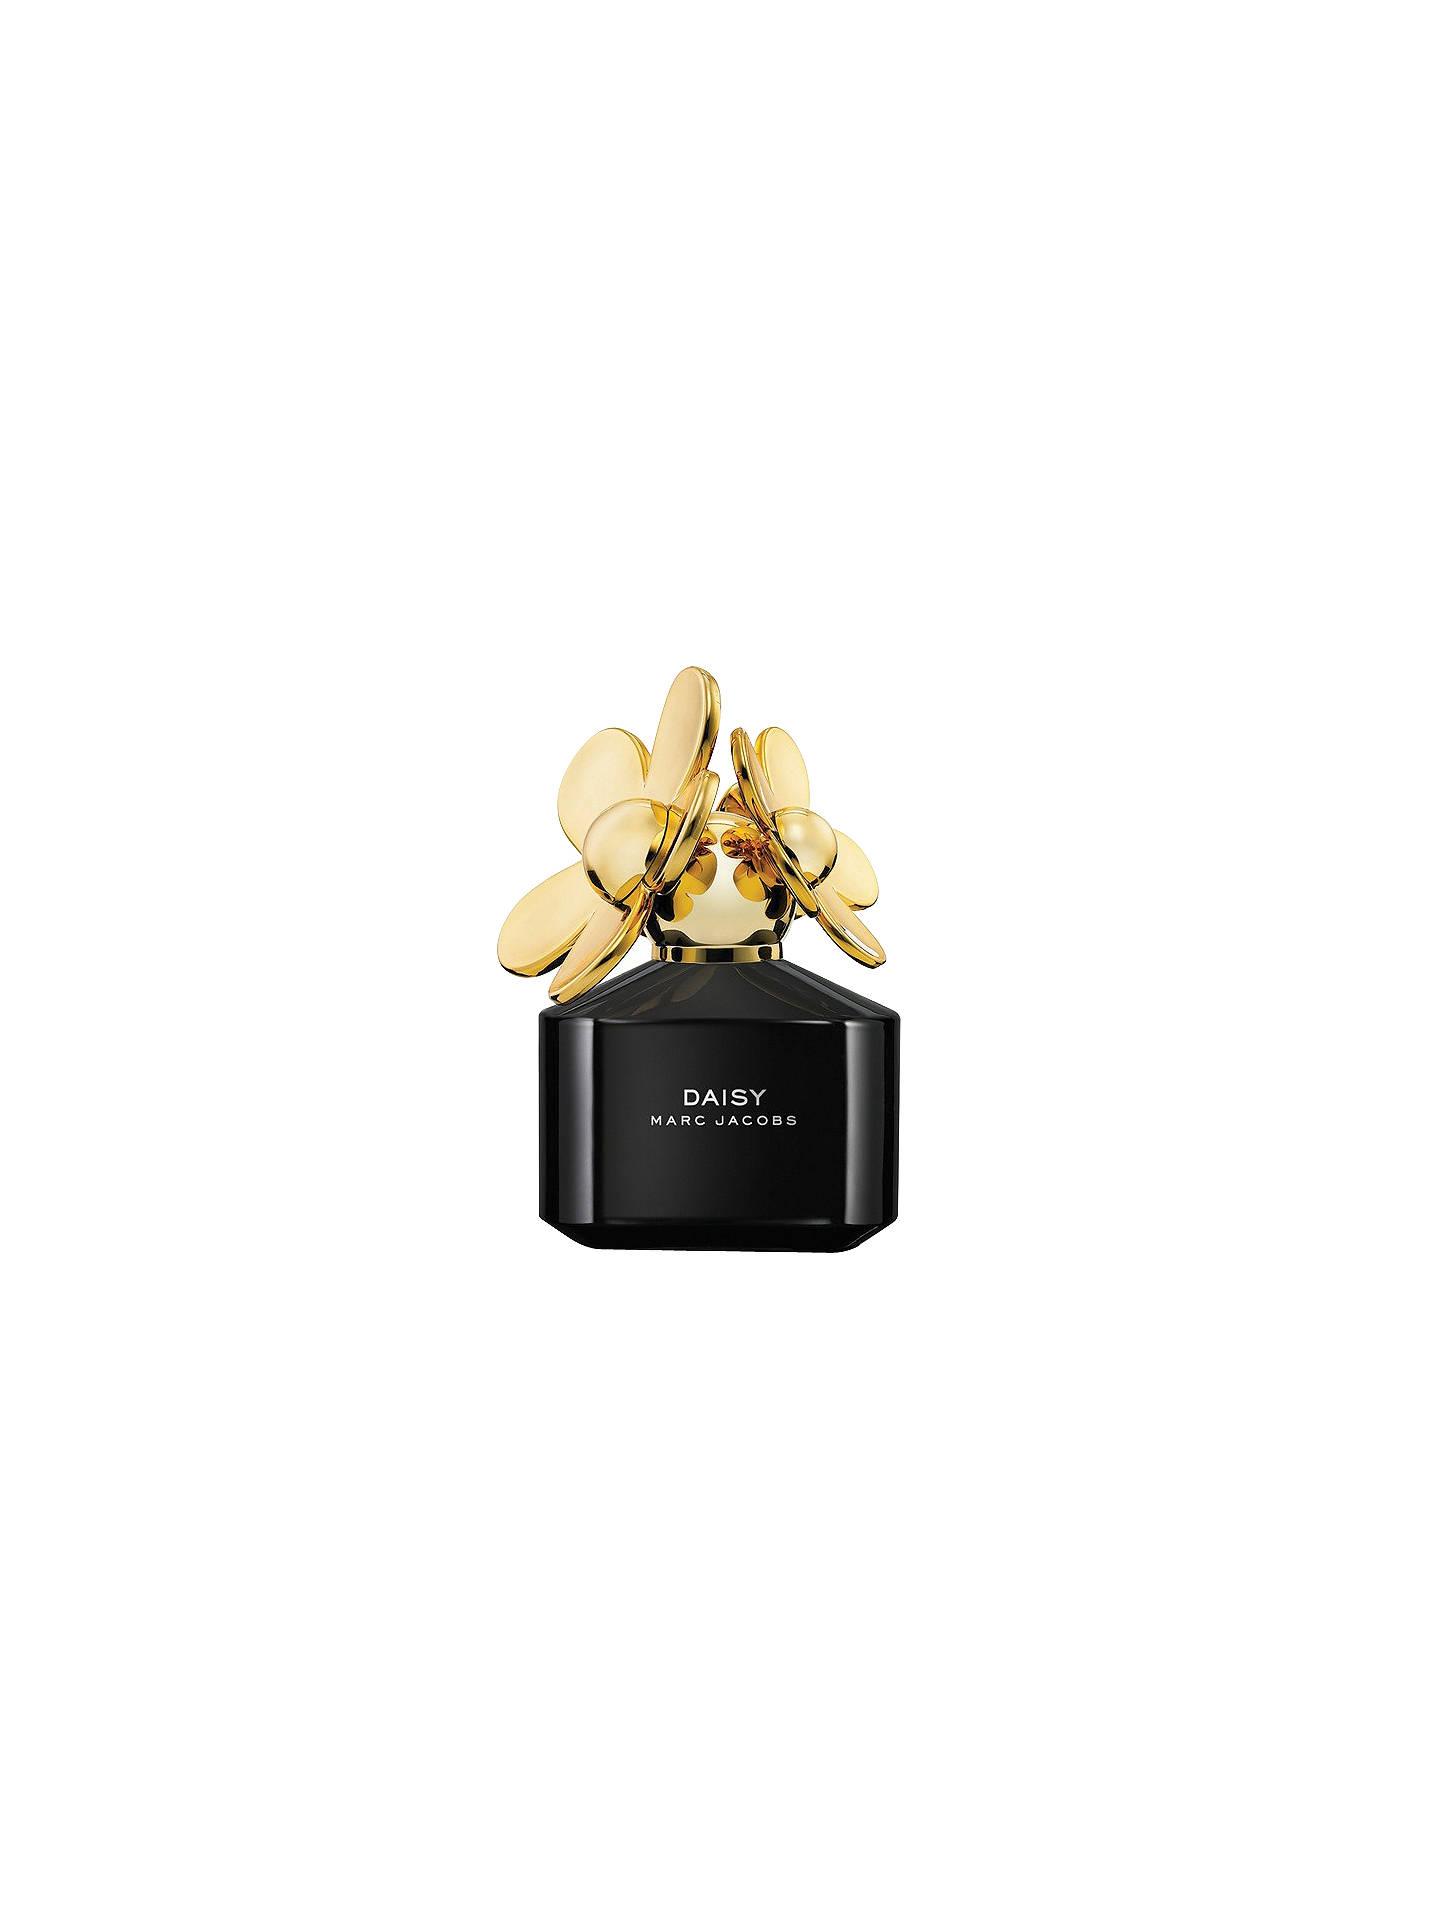 30119f9ca469 Buy Marc Jacobs Daisy Black Edition Eau de Parfum